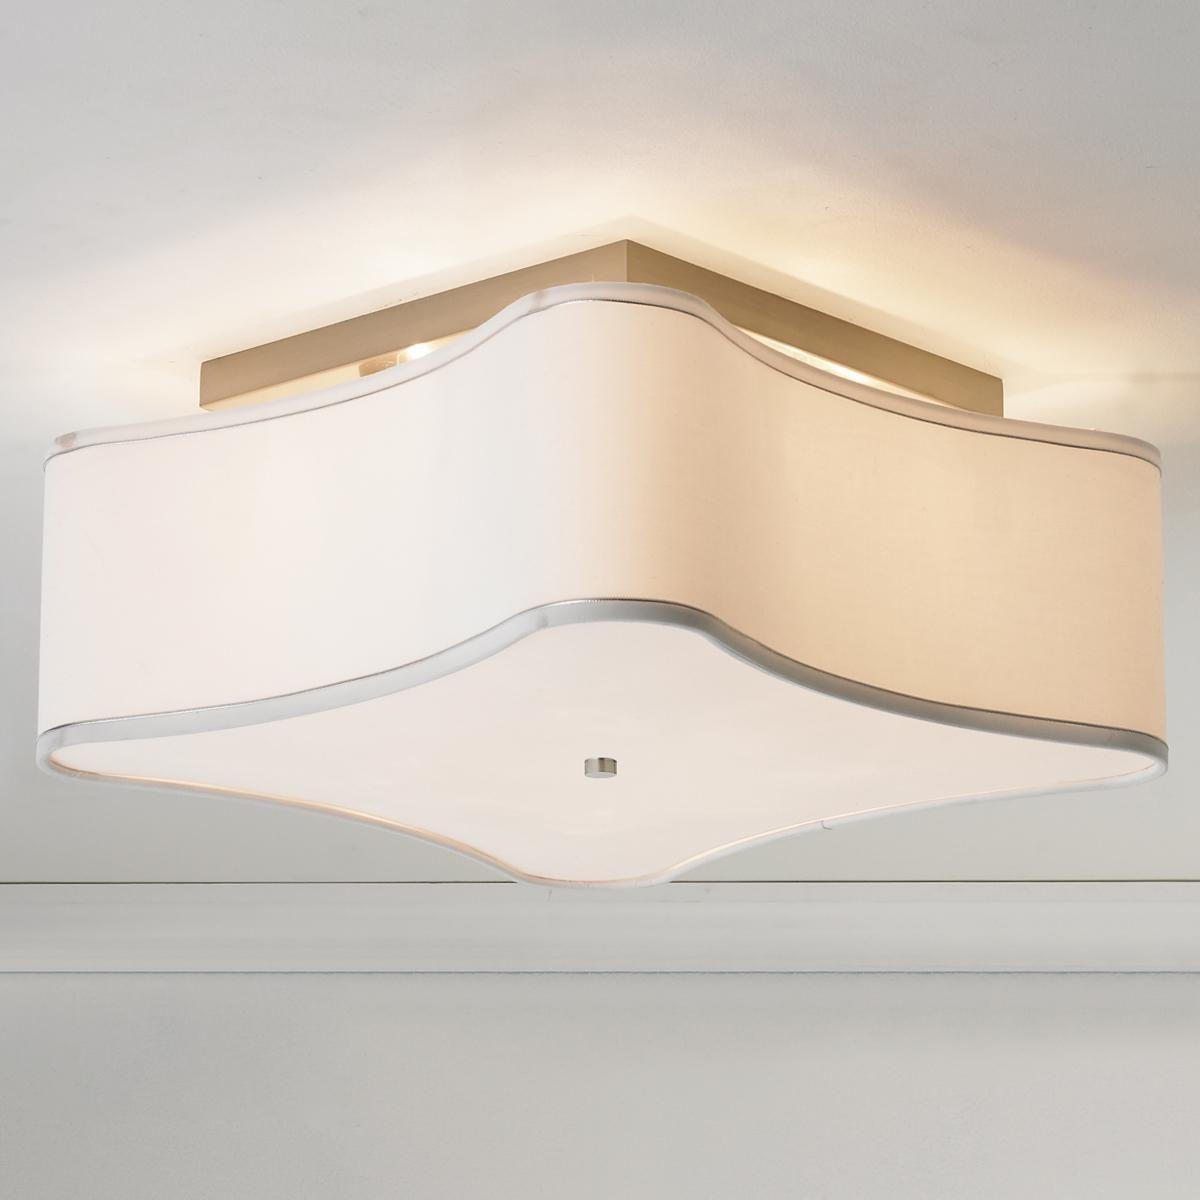 Scalloped shade semi flush ceiling light 4 light ceiling flush scalloped shade semi flush ceiling light 4 light aloadofball Gallery